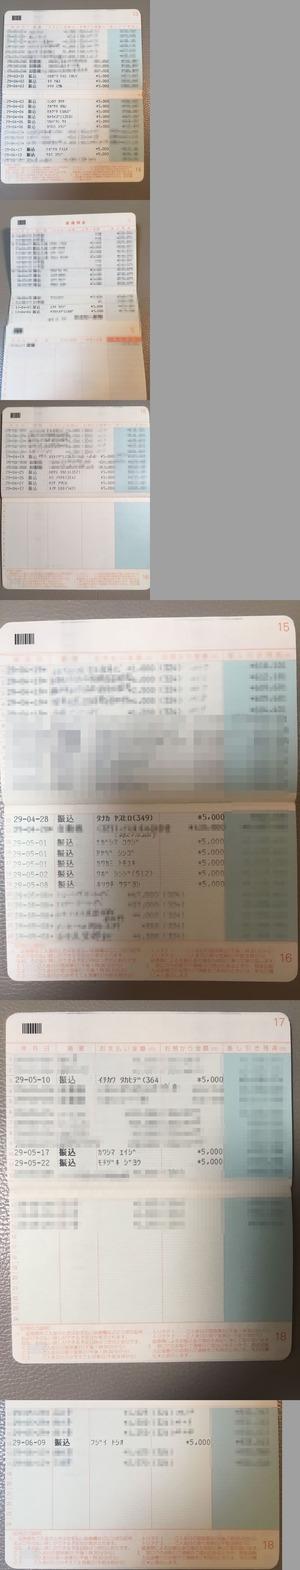 通帳記入 290609